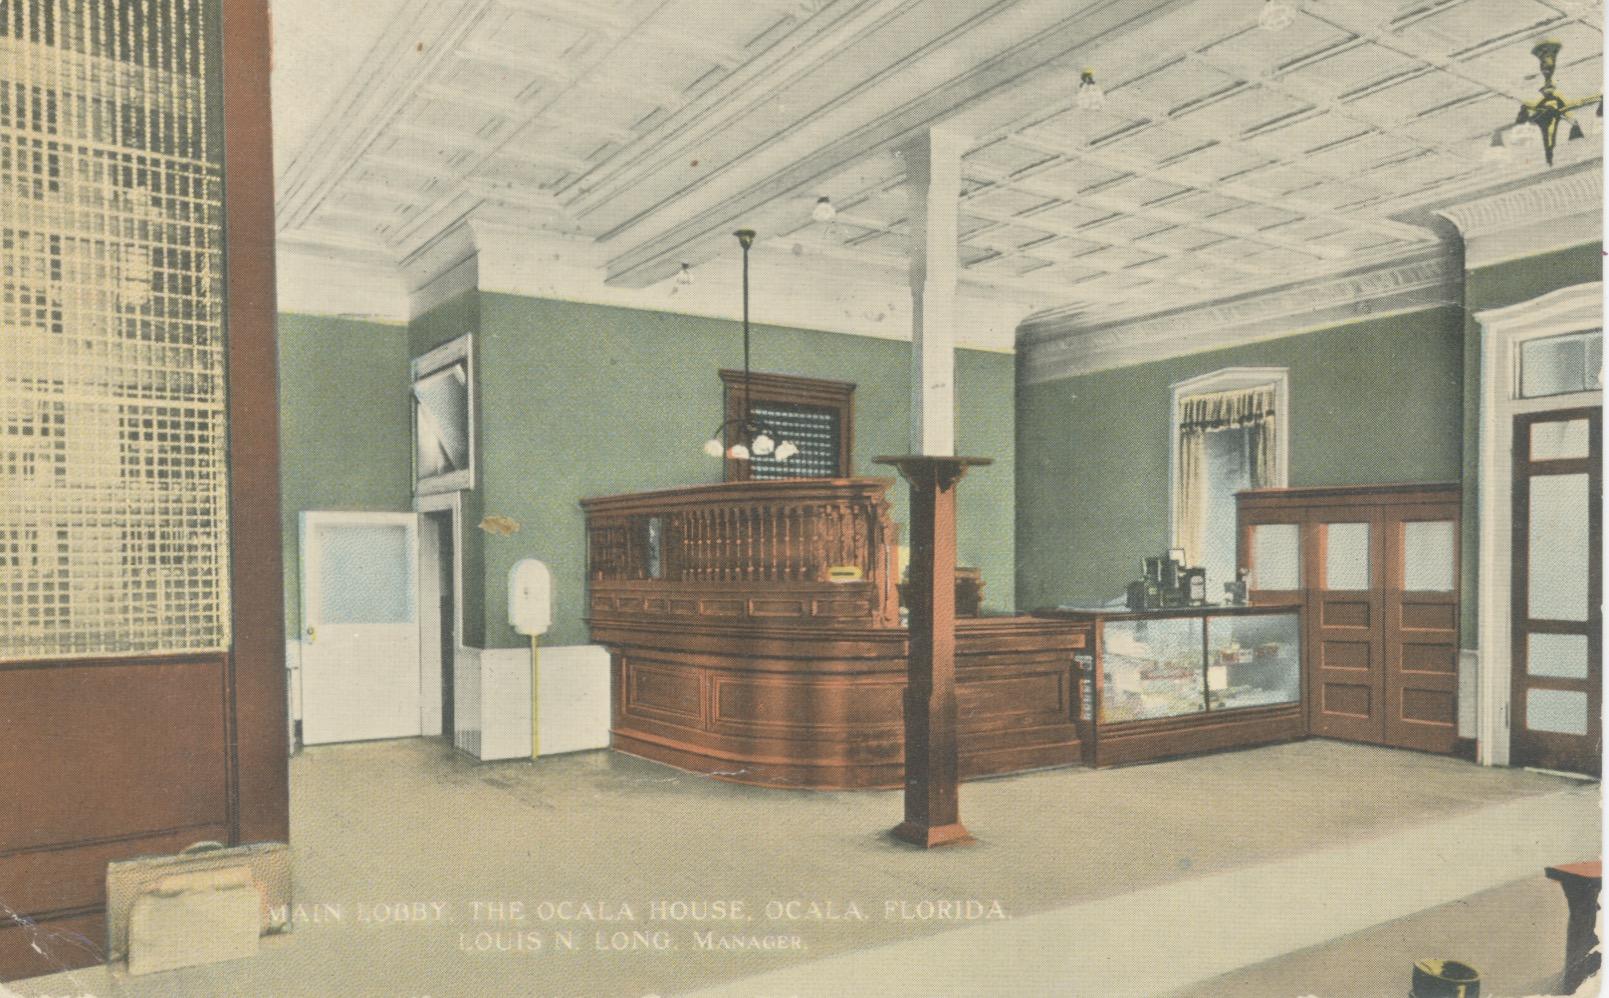 Main Lobby of the Ocala House hotel circa 1899